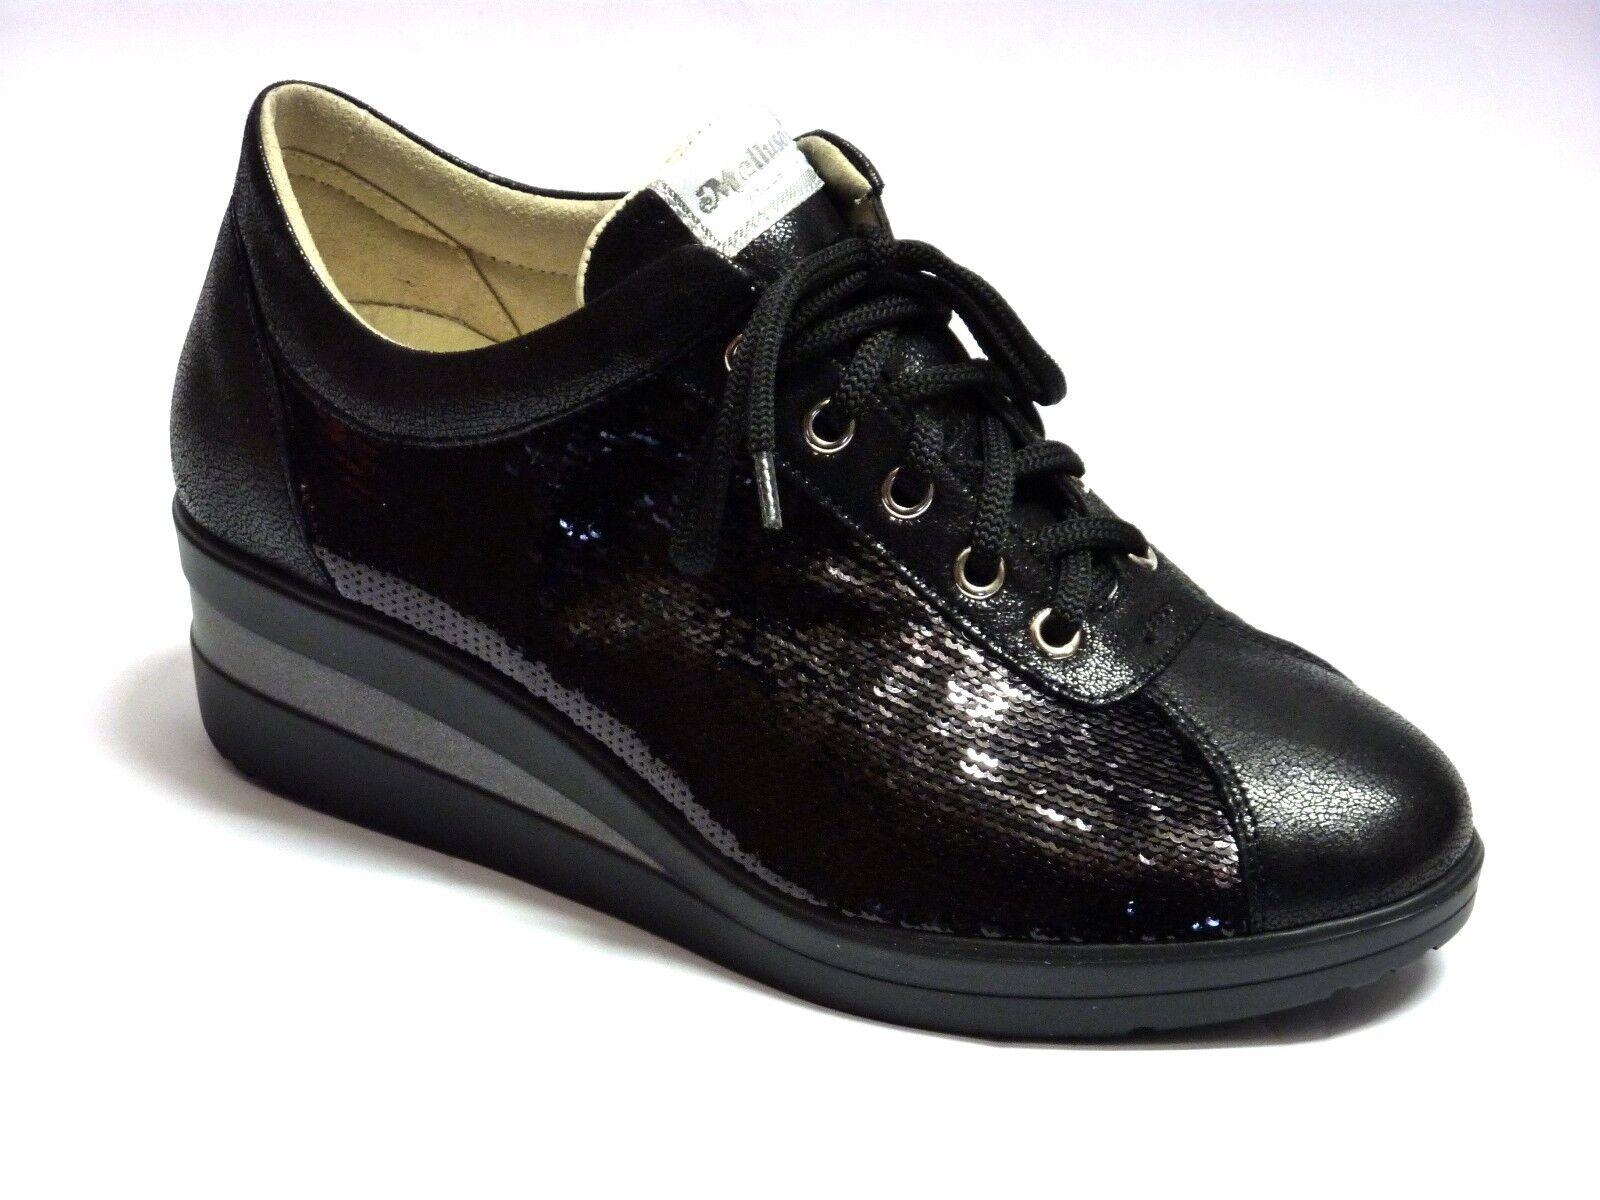 R20114 MELLUSO SNEAKERS IN PELLE CON PAILLETTES color black  MODA COMODA n. 35